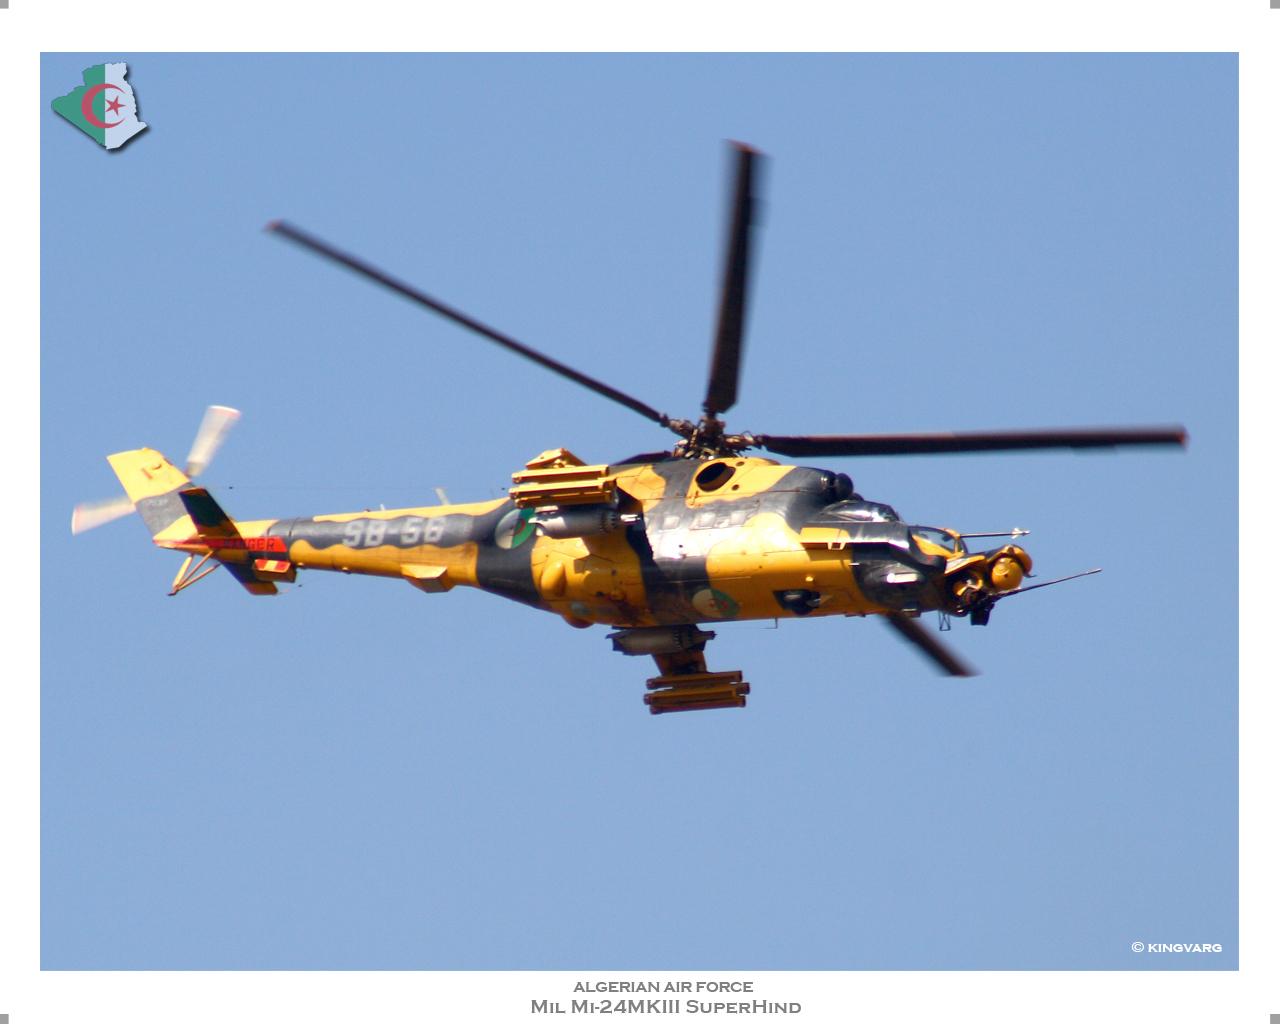 القوات الجوية الجزائرية بالصور و الأرقام Hind2